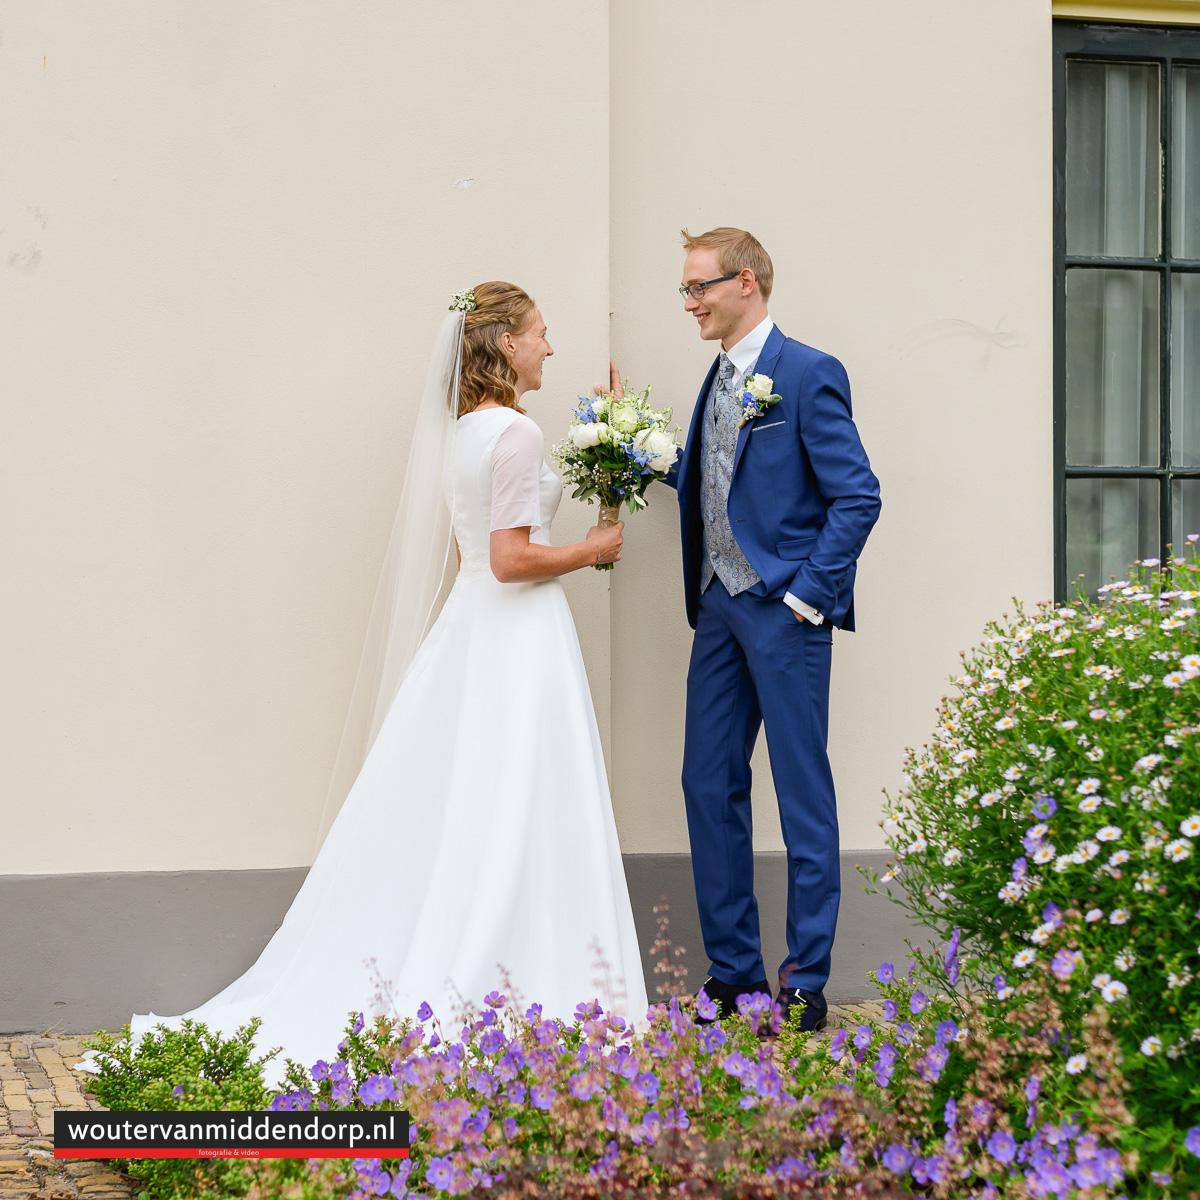 fotograaf Wouter van Middendorp, omgeving Nunspeet, Barneveld, kesteren, bruidsfotografie (321)